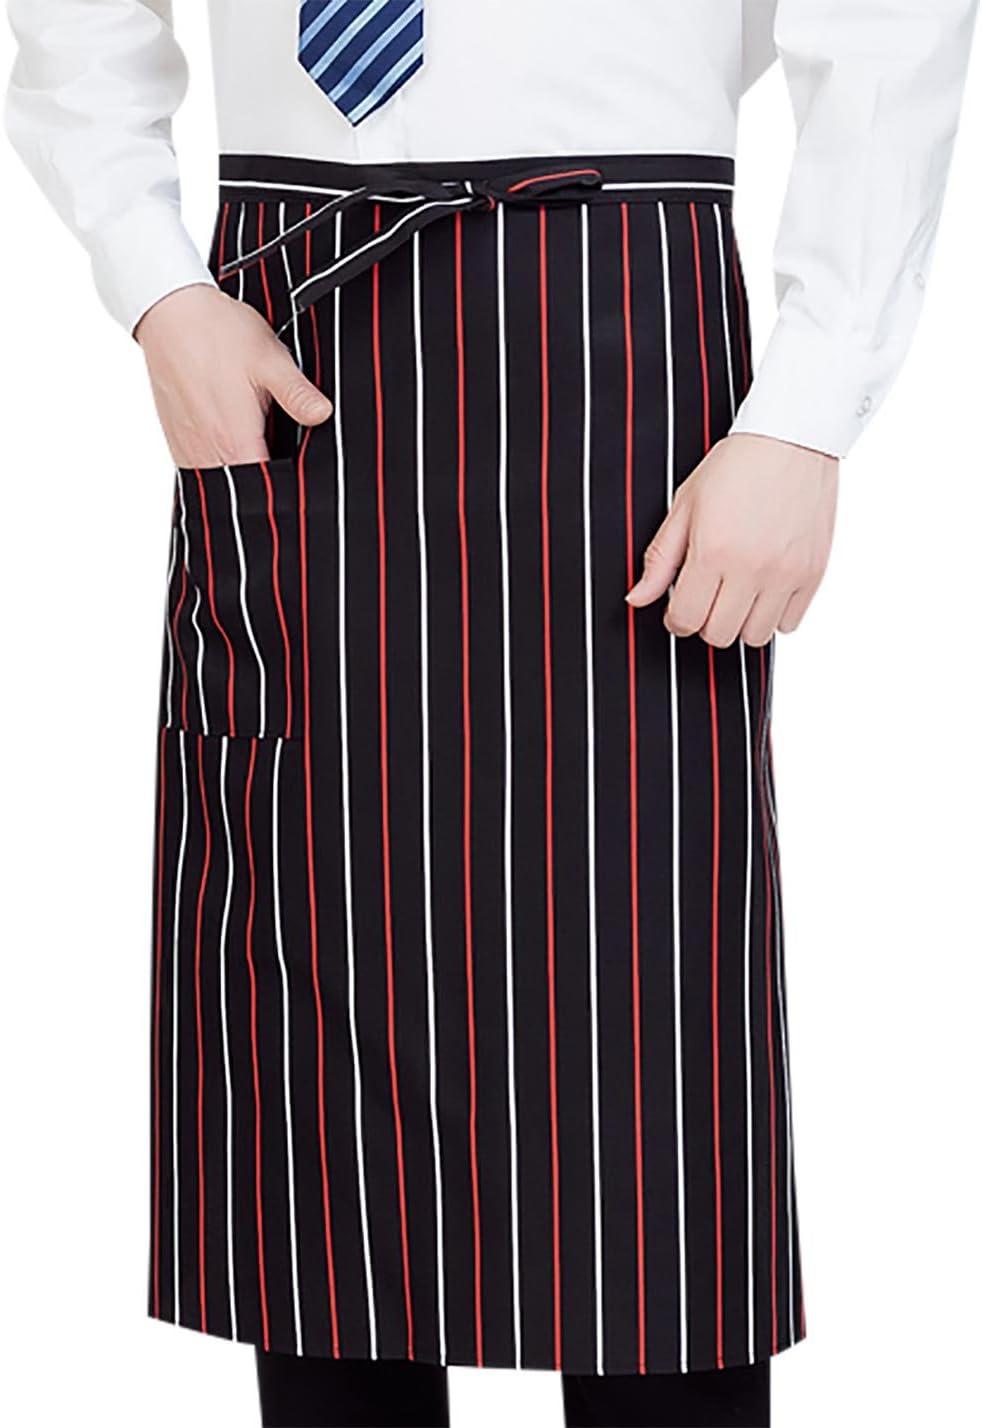 Mandil para Camarero Servidor Cafeter/ía Restaurante Delantal de Trabajo Ajustable Unisex Delantal para Cocina con Bolsillo Pr/áctico Aivtalk Rojo